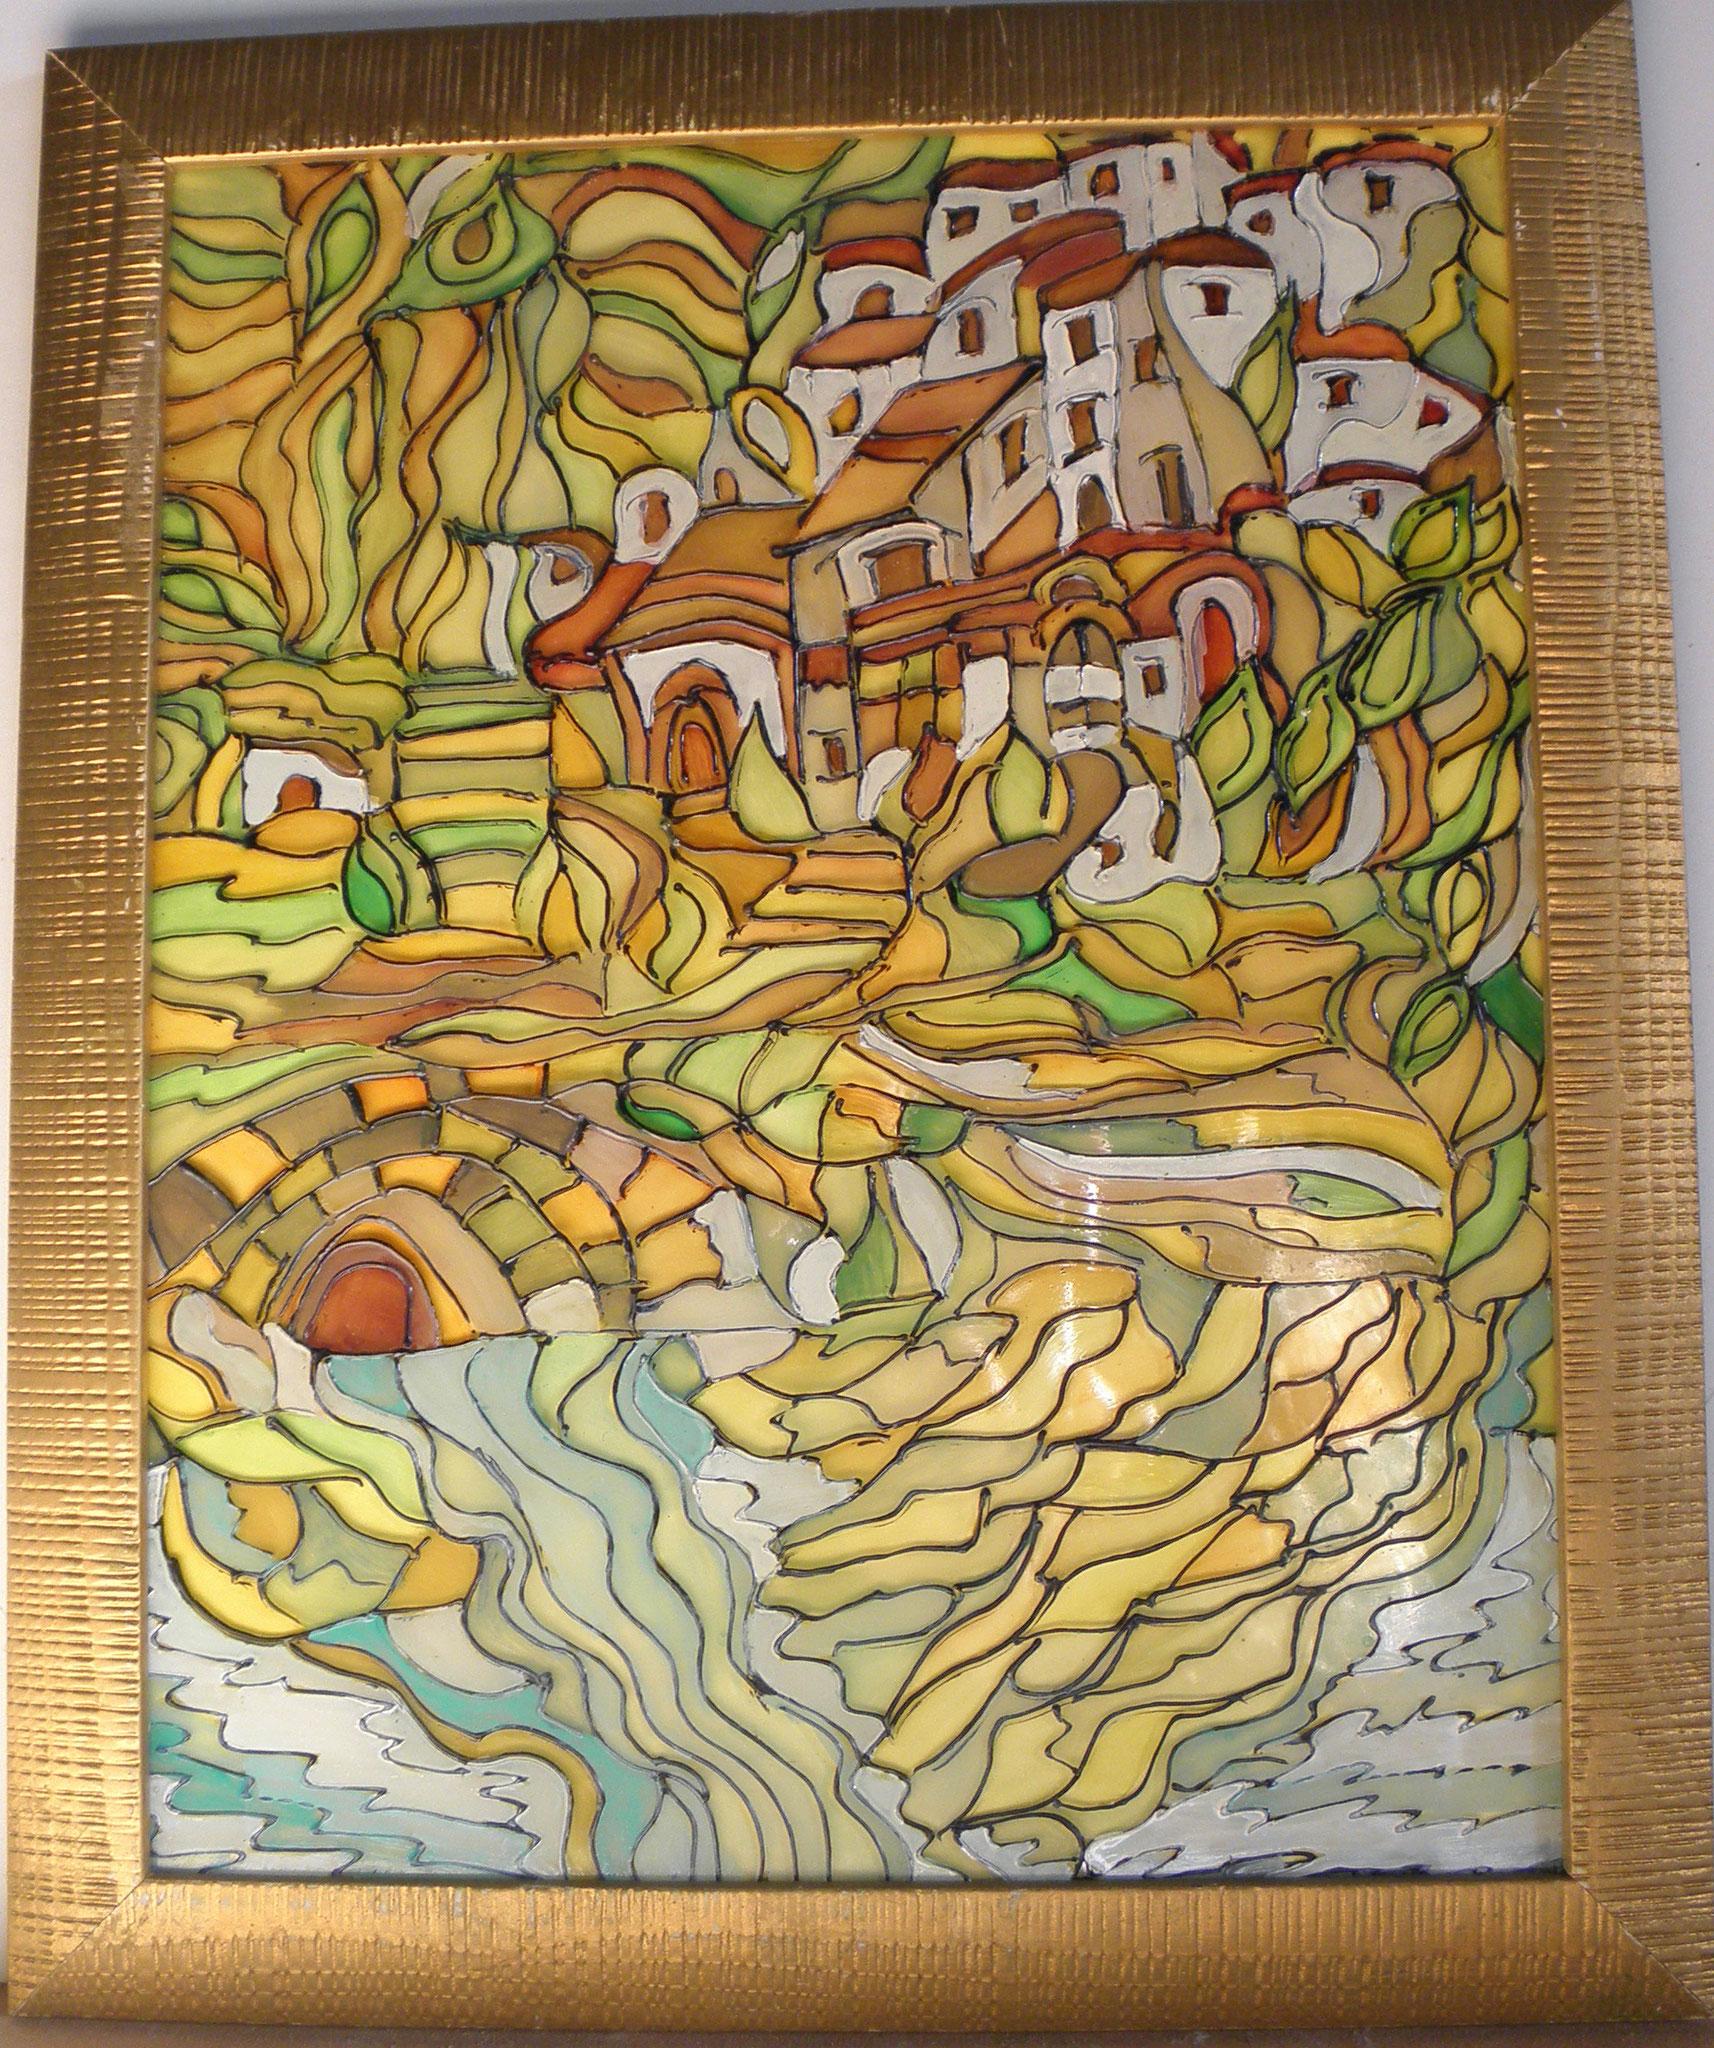 Opera n.12 - Pittura acrilico su vetro, cornice in legno - cm 40x33